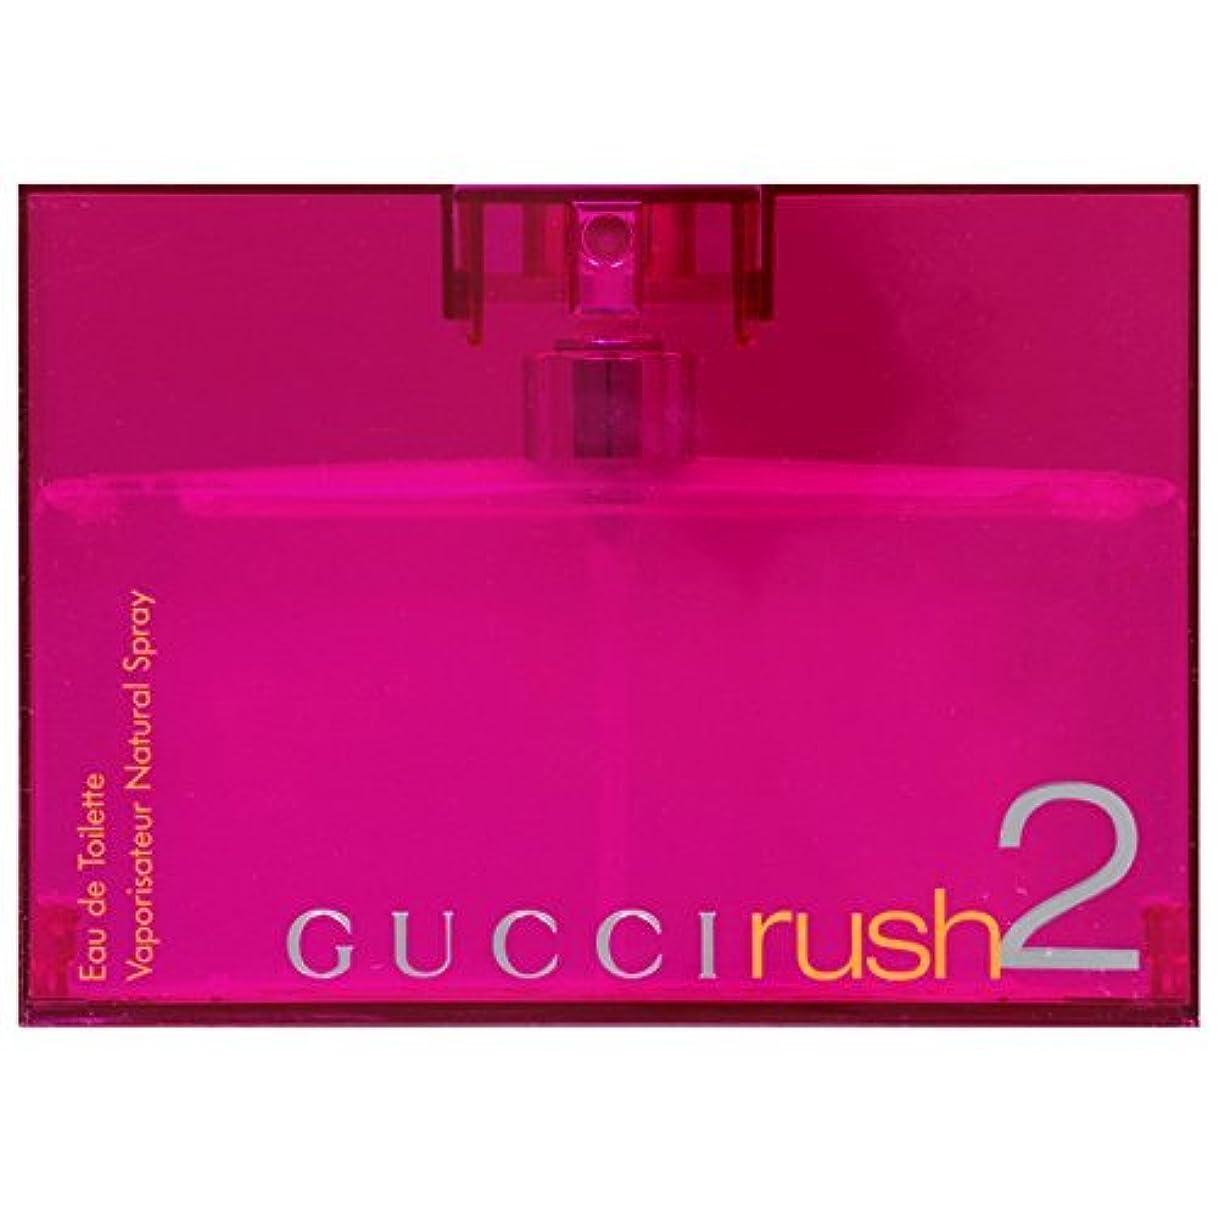 有限把握序文グッチ ラッシュ2オードトワレスプレーEDT30ml GUCCI RUSH2 EDT